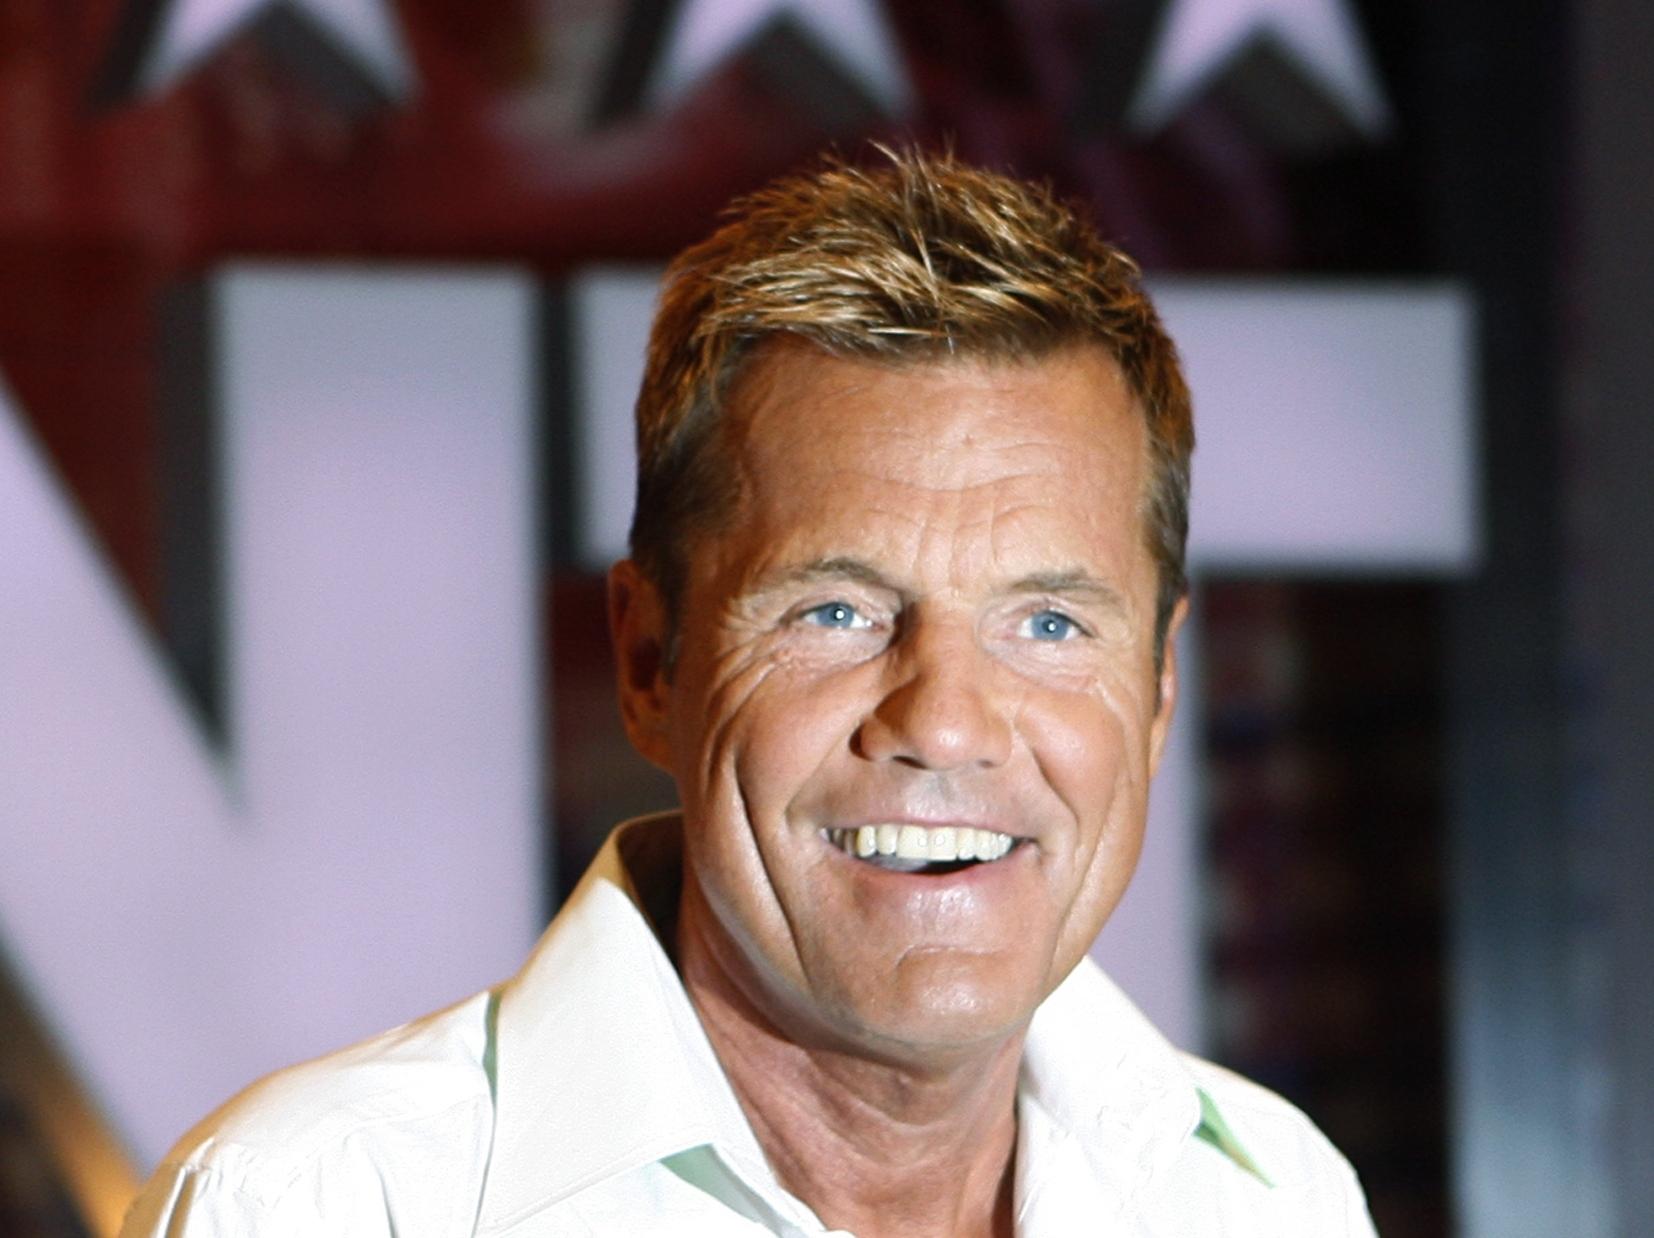 Dieter Bohlen – Jurymitglied